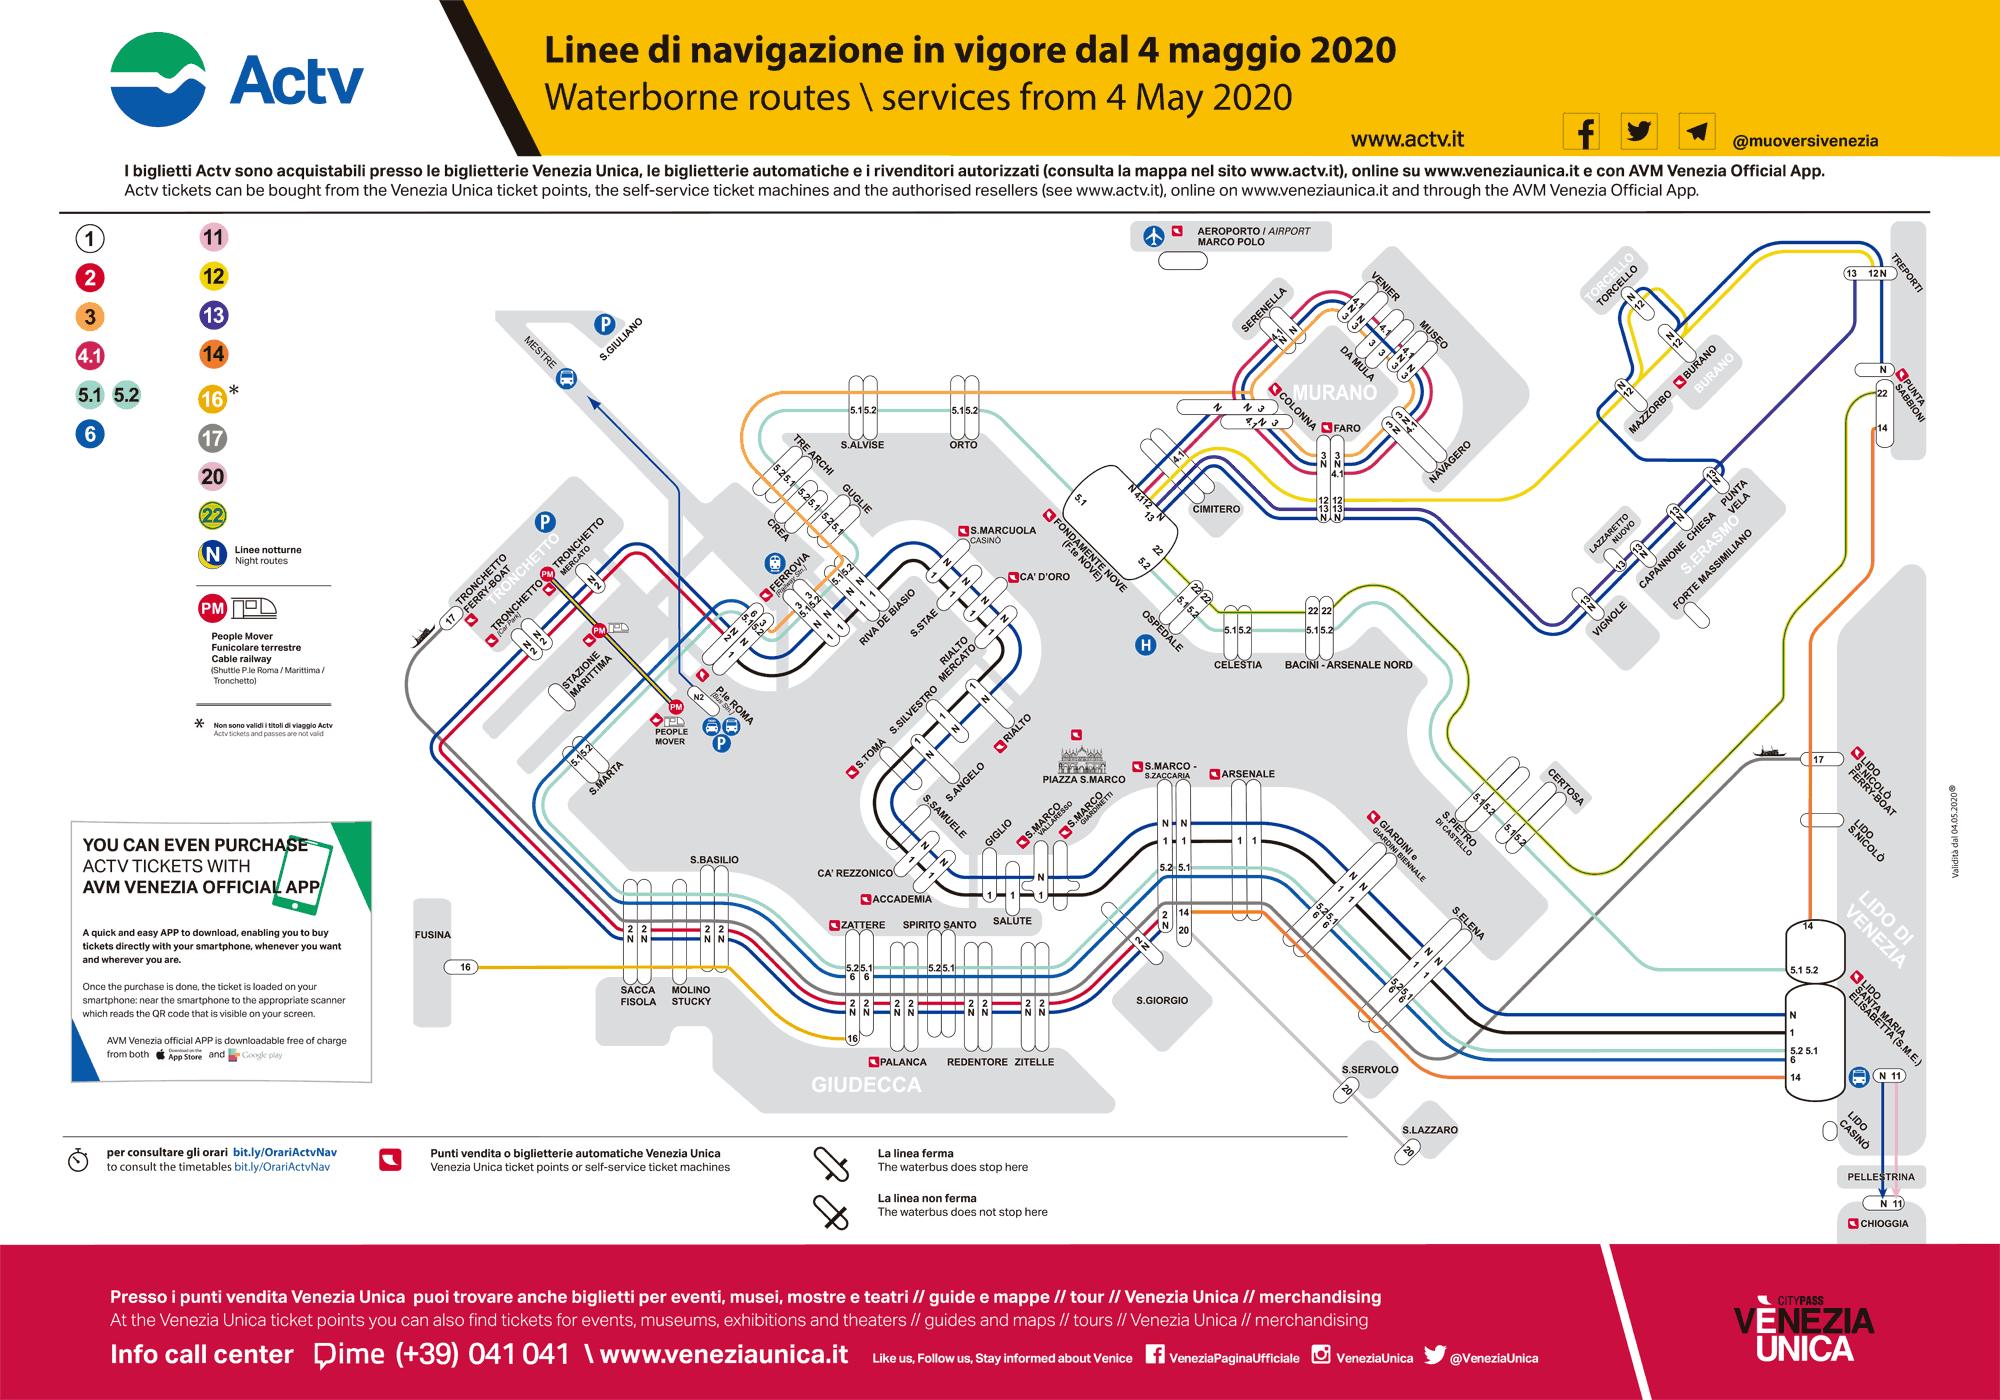 venezia_mappa_linee_di_navigazione-_dal_4_maggio